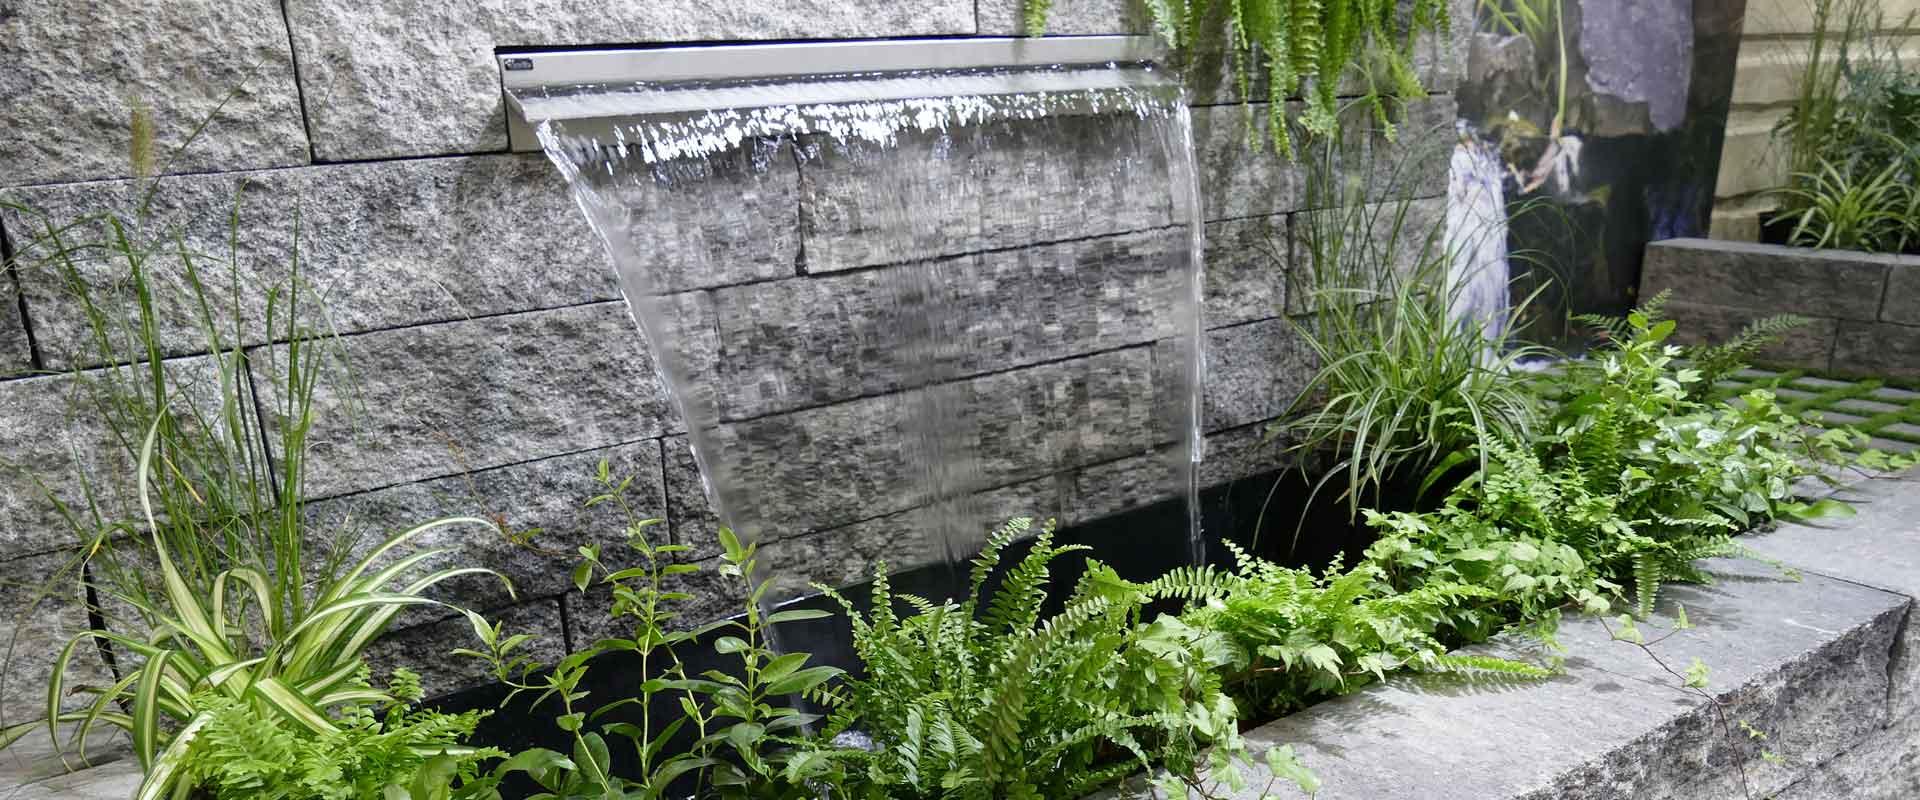 Gartenbau immergr n ihr meisterbetrieb f r den garten und landschaftsbau - Gartenbaume immergrun ...